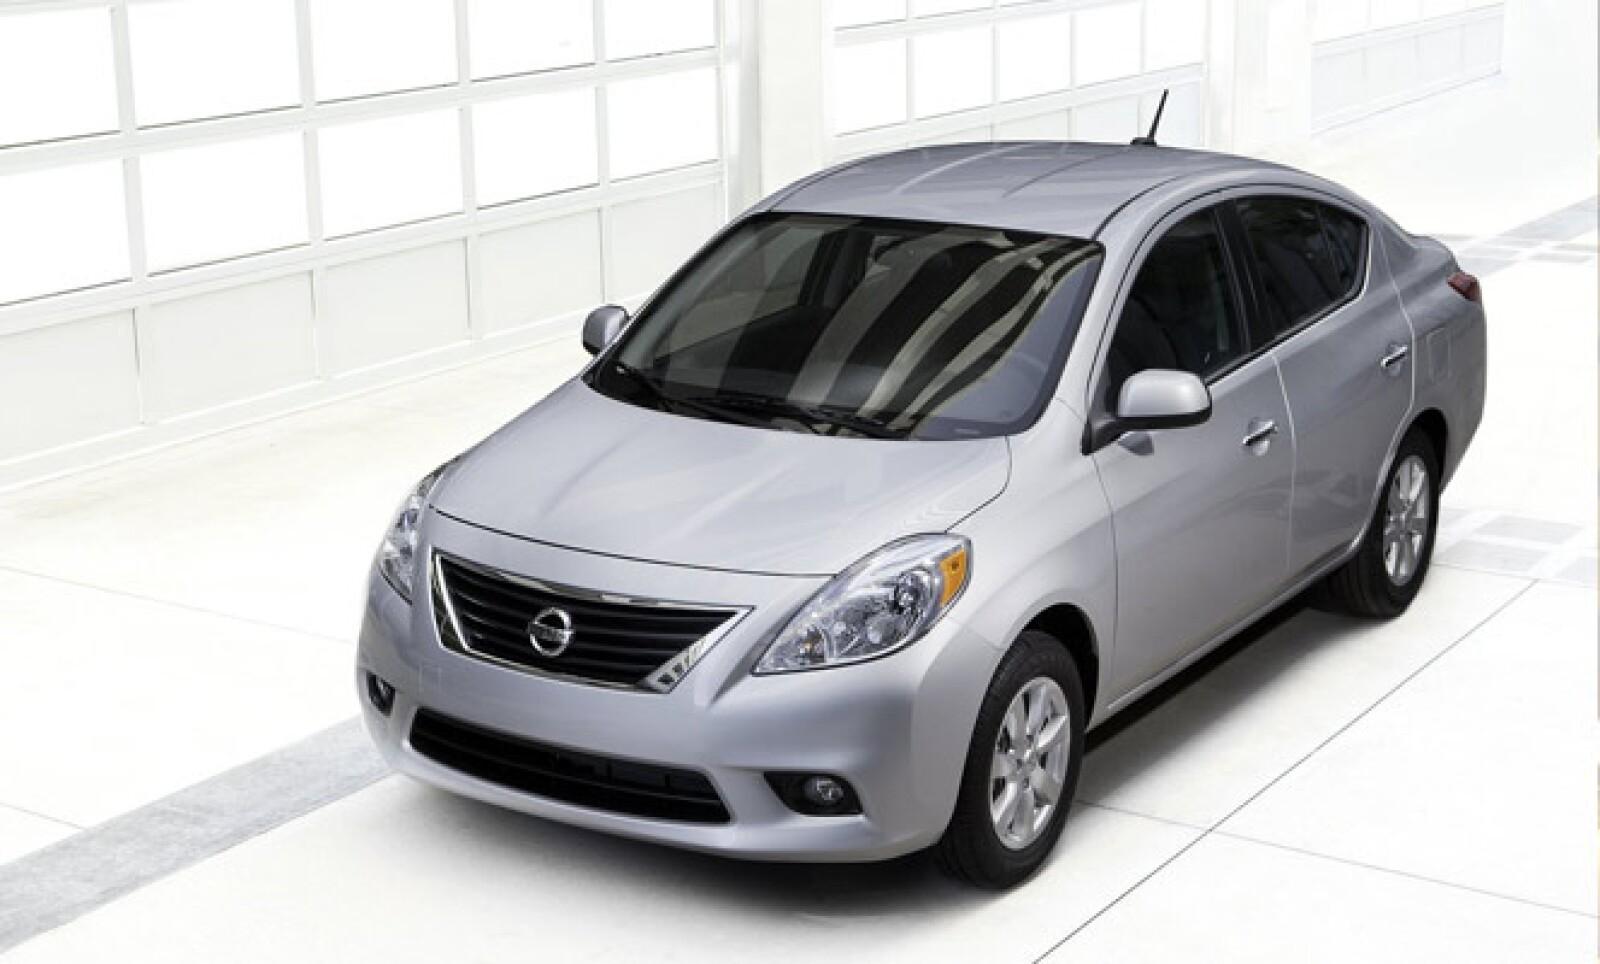 Con dos versiones, Sense y Advance, el nuevo Nissan Versa se convierte en un modelo adicional que complementa el portafolio de productos de la marca en el segmento de los compactos, ubicado entre los modelos Tiida y Sentra.